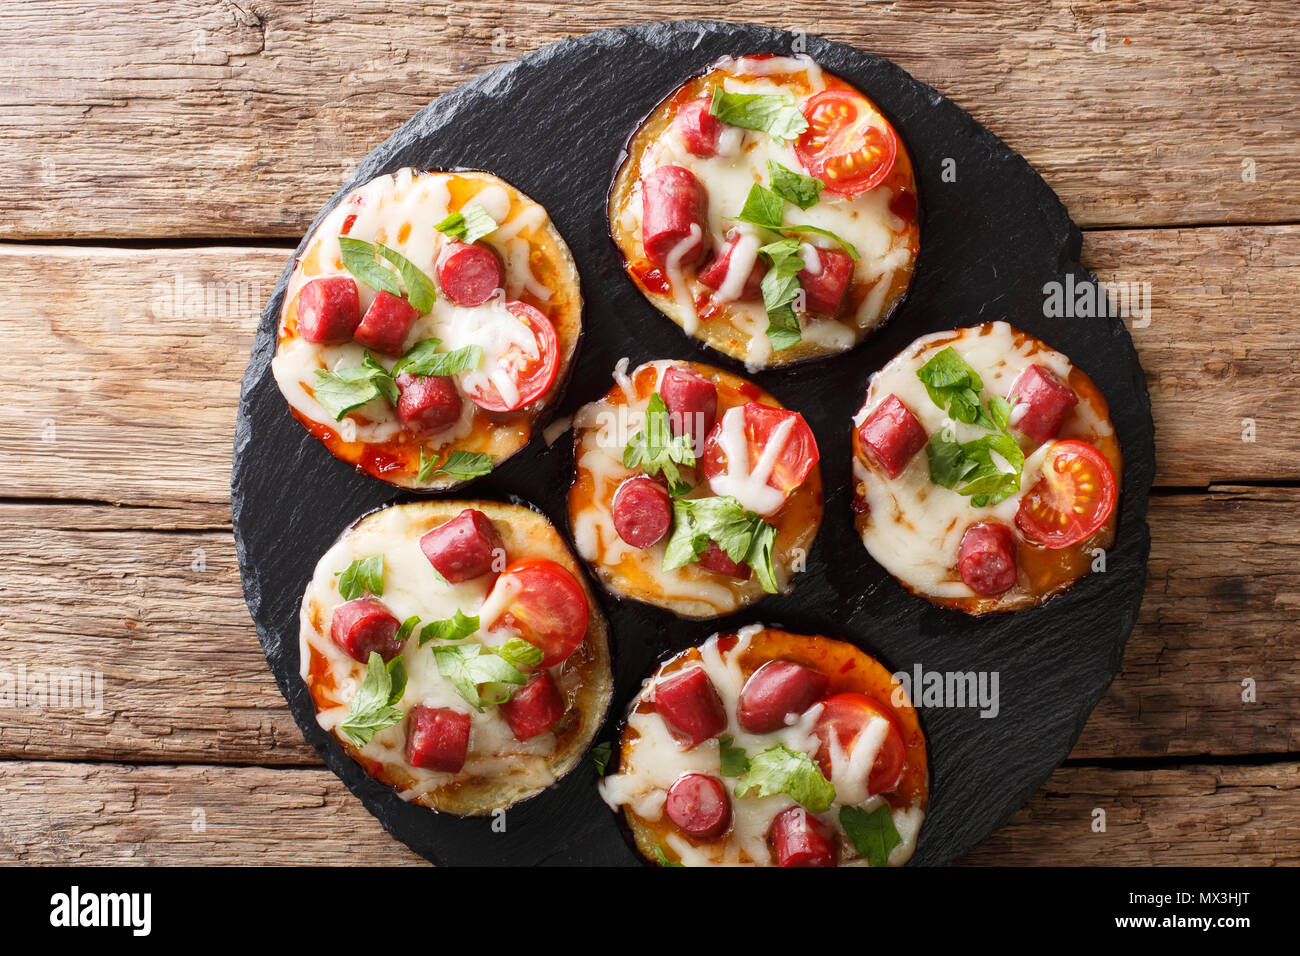 Pizza de berenjenas horneadas con mozzarella, tomate, salchichas y verdes de cerca en la tabla. Vista superior horizontal desde arriba Foto de stock